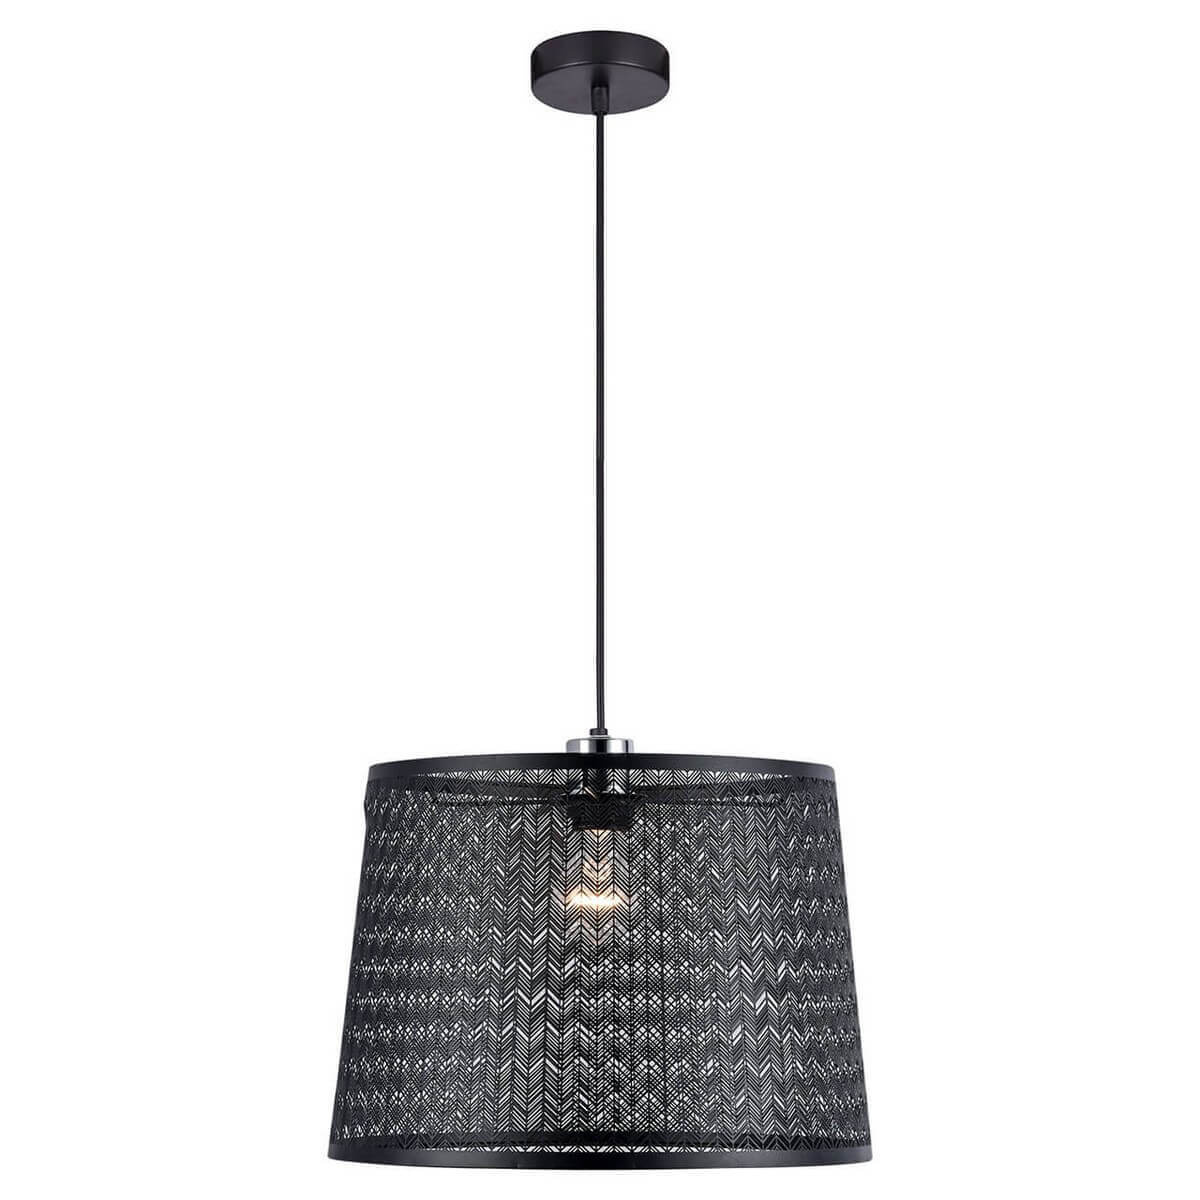 Подвесной светильник Lussole Lgo LSP-9962 светильник lgo lsp 9961 lsp 9961